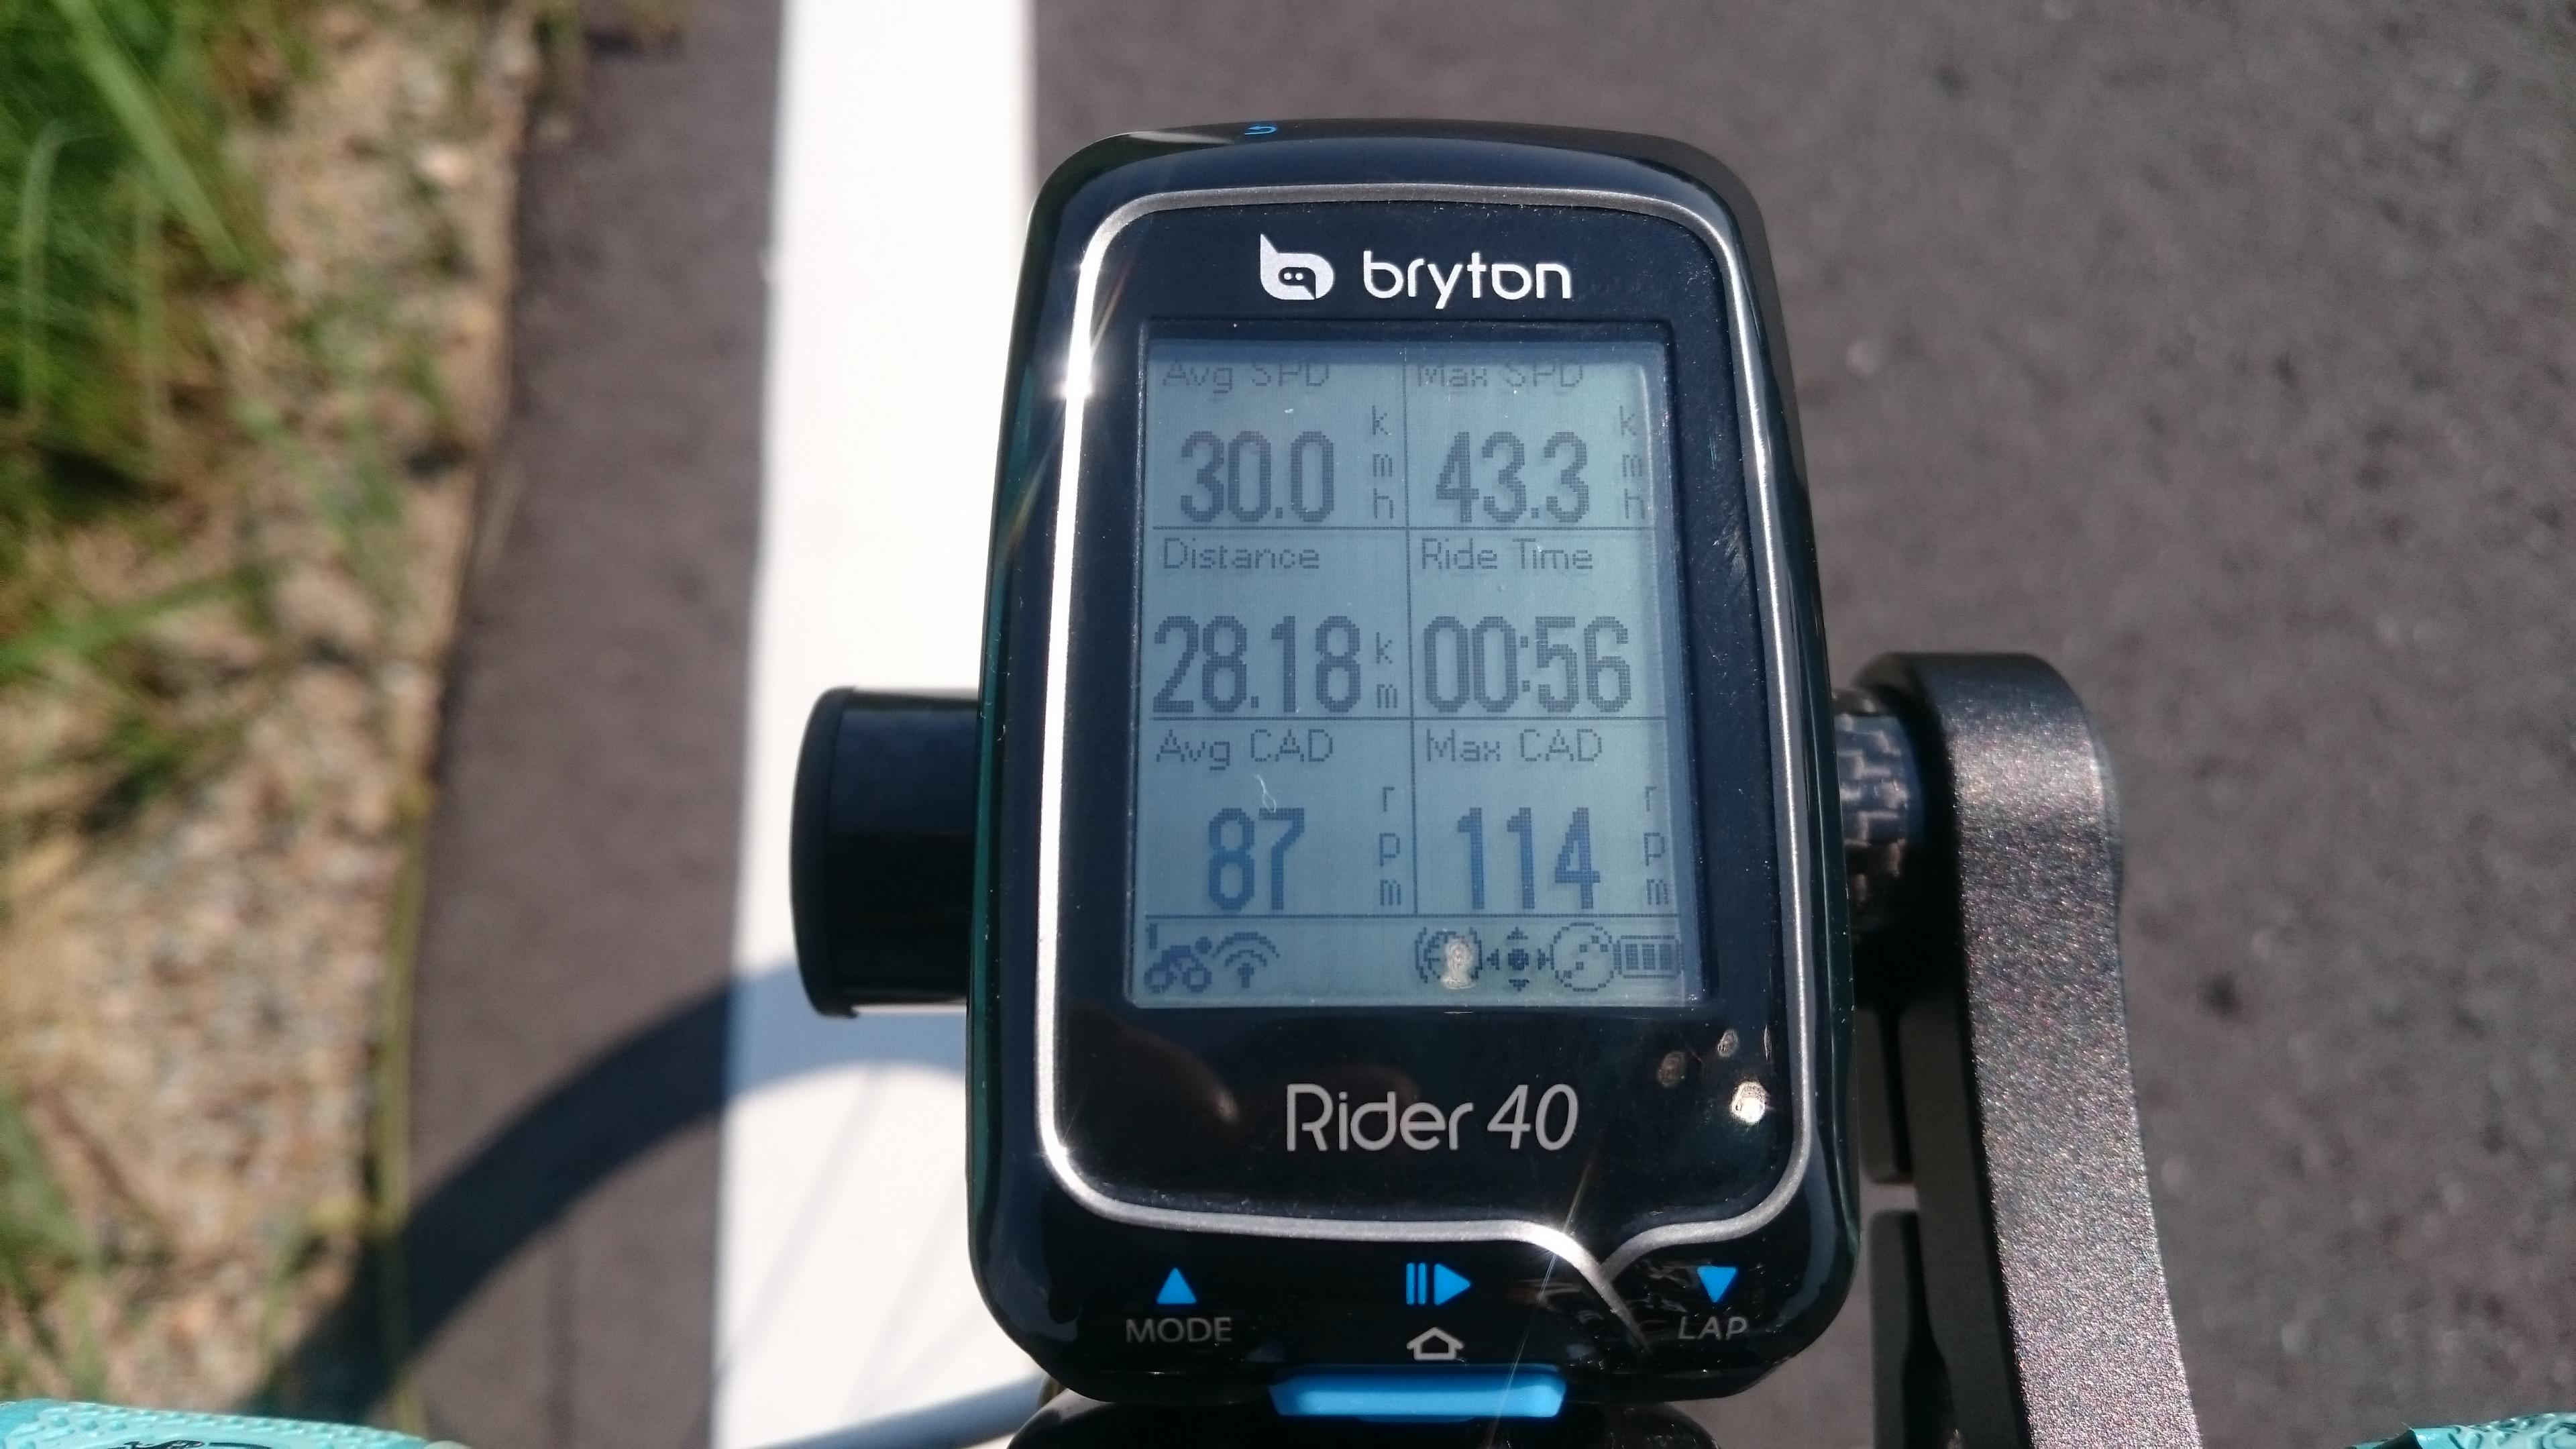 目標達成直前!Ave30km/h、Dis28.1km